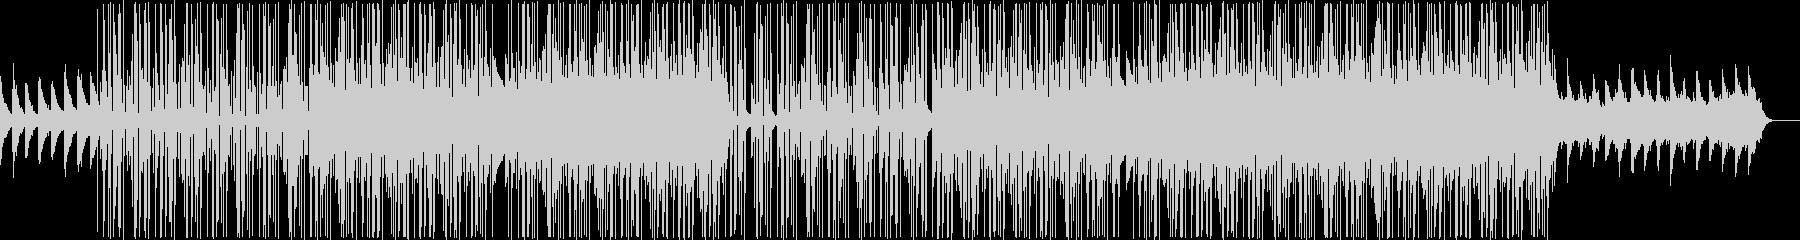 哀愁系の洋楽トラップビートの未再生の波形